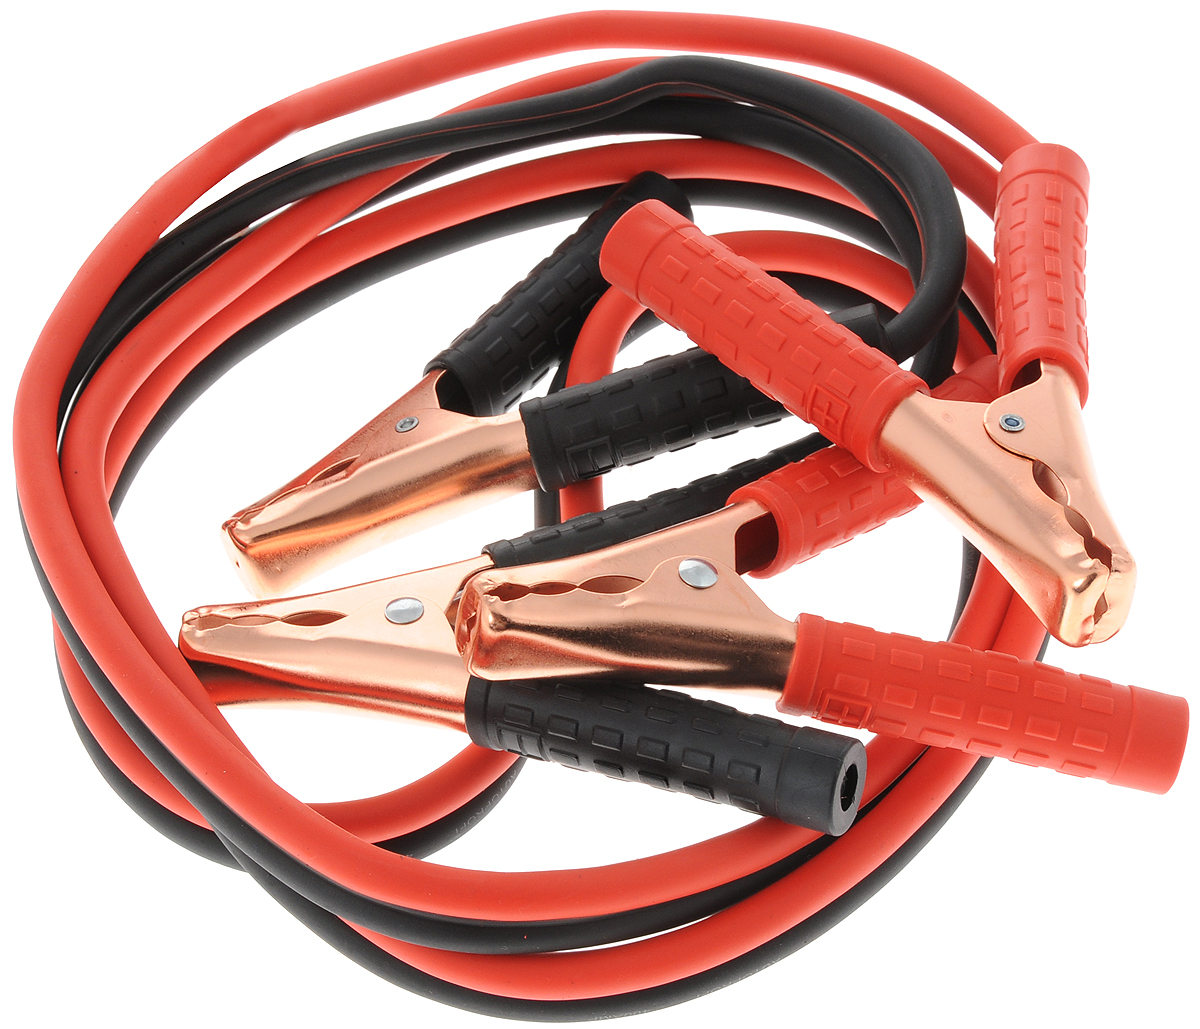 Провода прикуривания Autoprofi Аллигатор, алюминиевые, морозостойкие, 400 А, 2,5 мBC-400Провода прикуривания Autoprofi Аллигатор обладают длиной 2,5 метра и пропускают ток силойдо 400 ампер. Это позволяет использовать их для запуска большинства автомобилей, в томчисле оснащенных бензиновыми двигателями объемом свыше 5 литров или дизельными -объемом свыше 4,5 литров.Многожильные провода изготовлены из алюминия с медным напылением и покрыты изоляцией изморозостойкого термопласта. Термопласт легко гнется и не теряет свою эластичность дотемпературы -40°С. Рукоятки зажимов изолированы термопластом, что делает более удобнымэксплуатацию проводов прикуривания в сильные морозы.